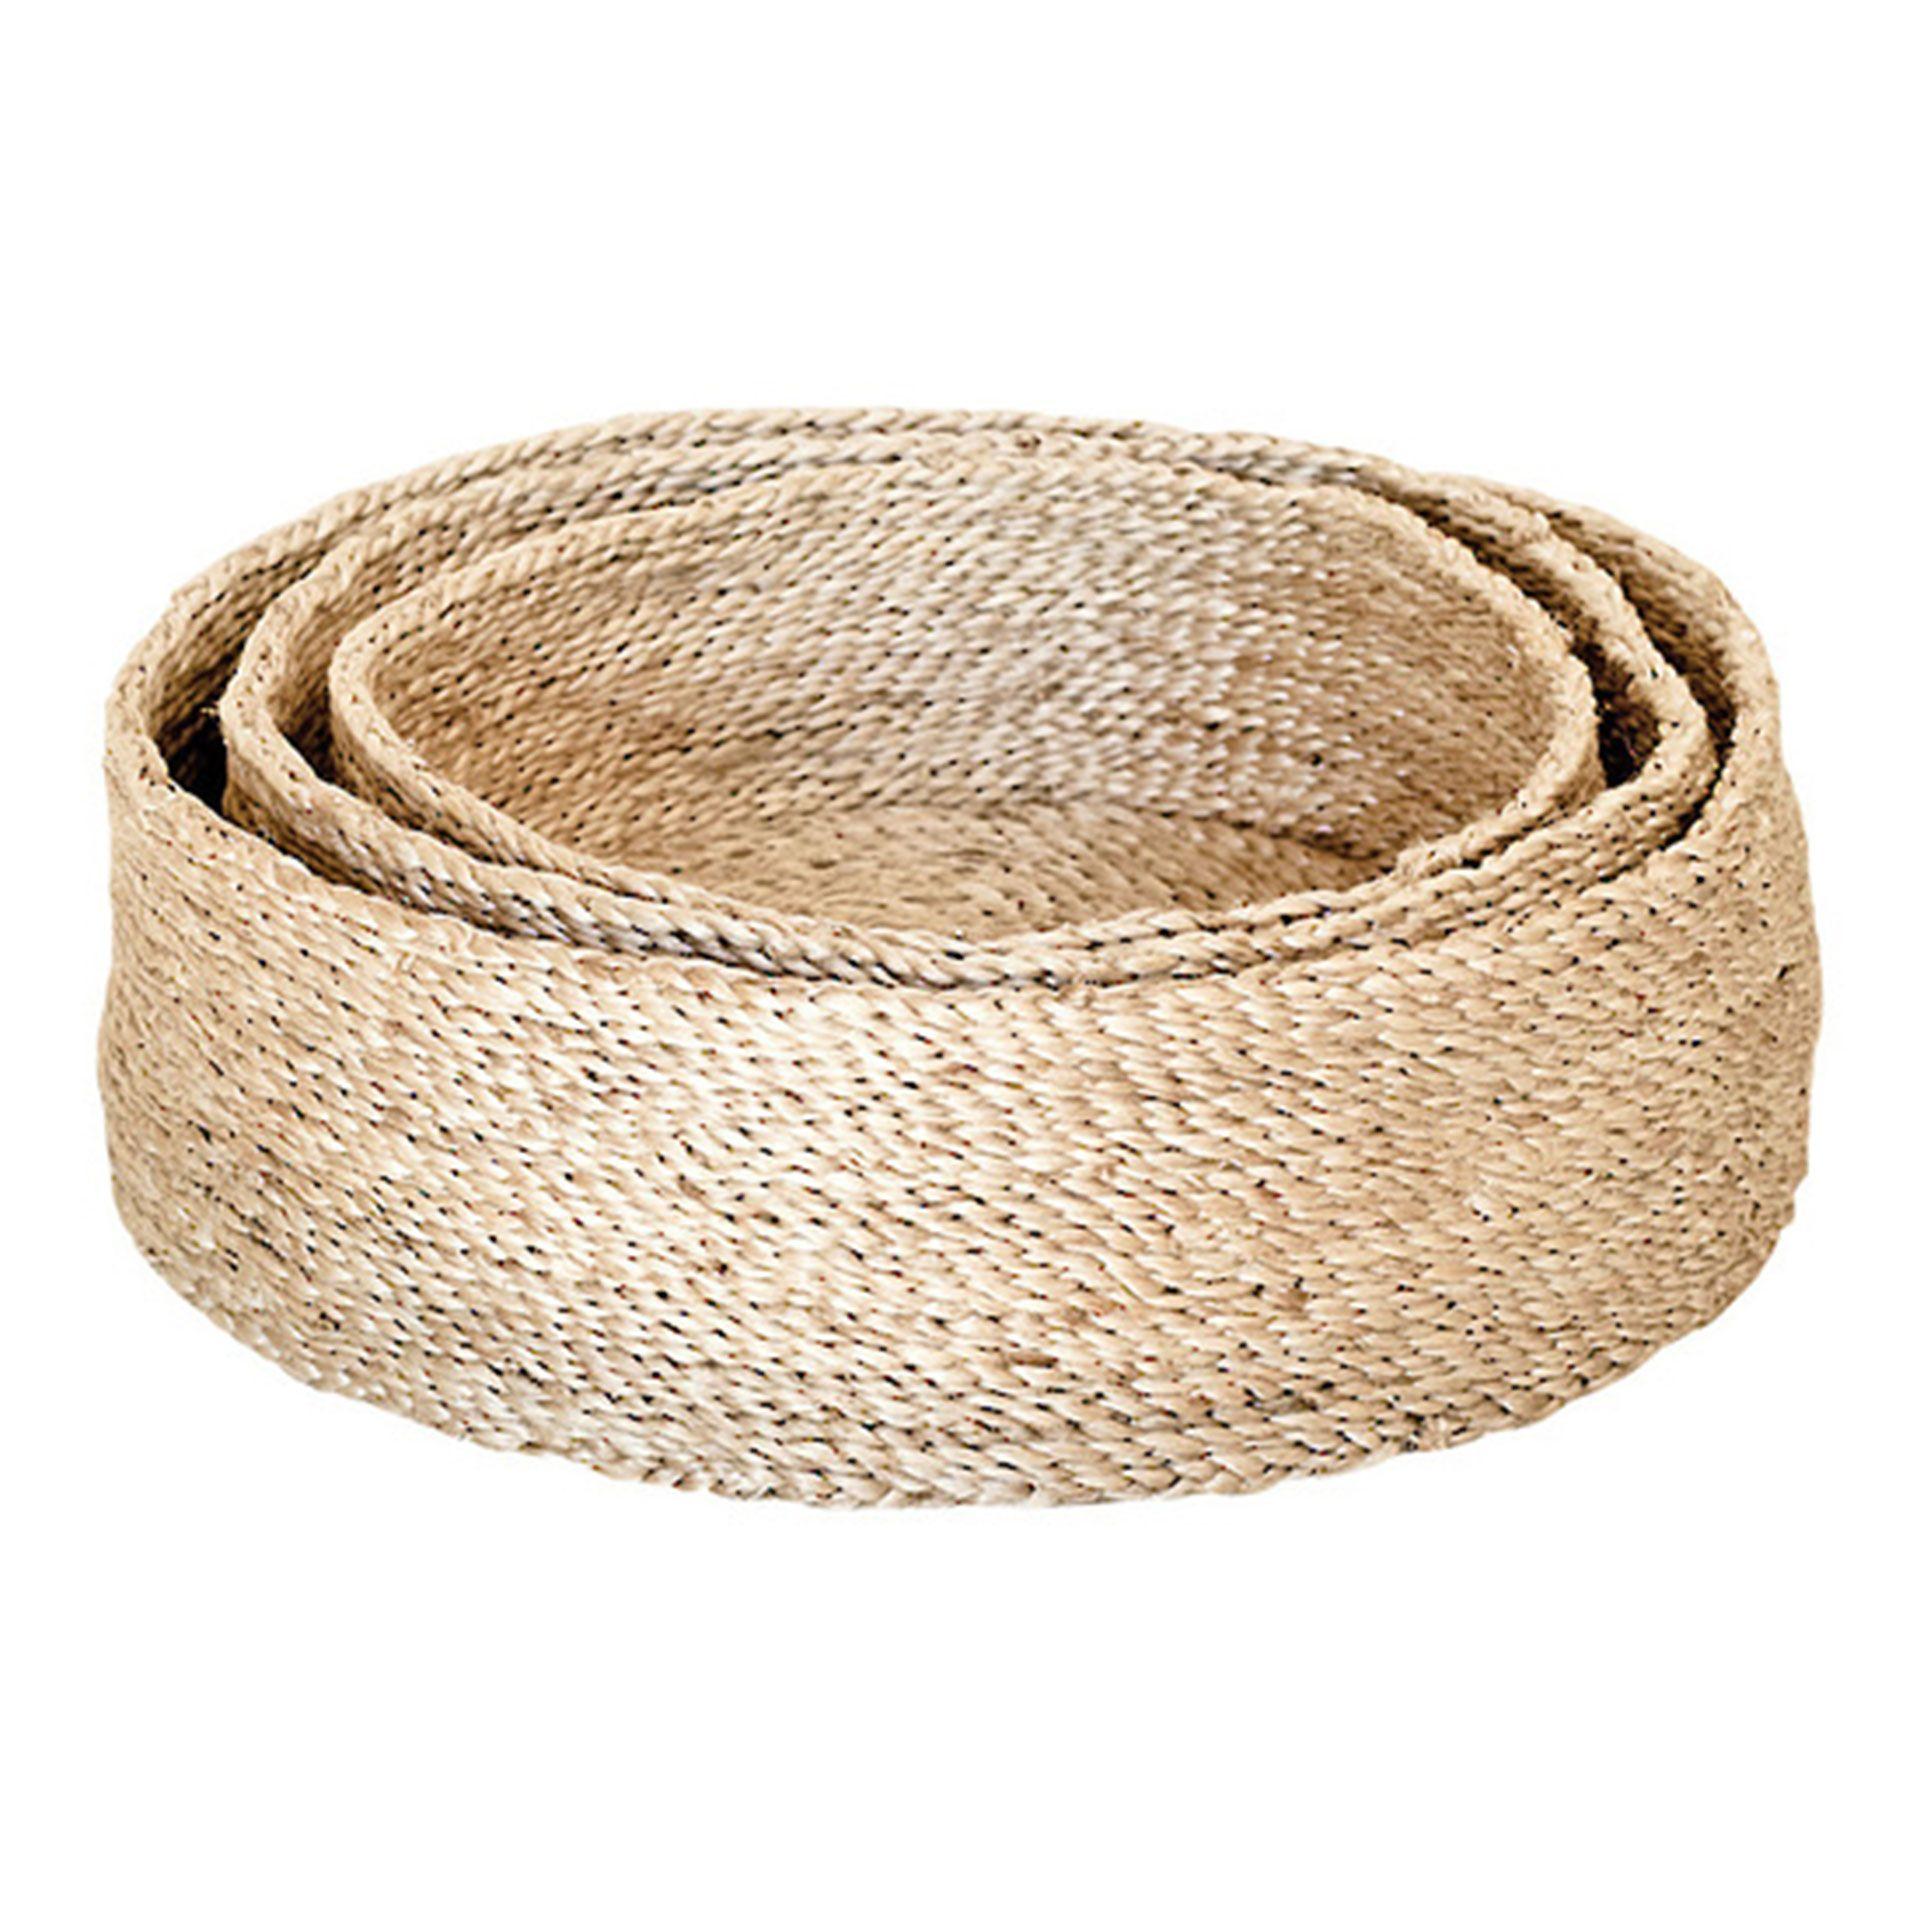 Badezimmerdesign bangladesch round jute bowls in natural  baskets u storage  pinterest